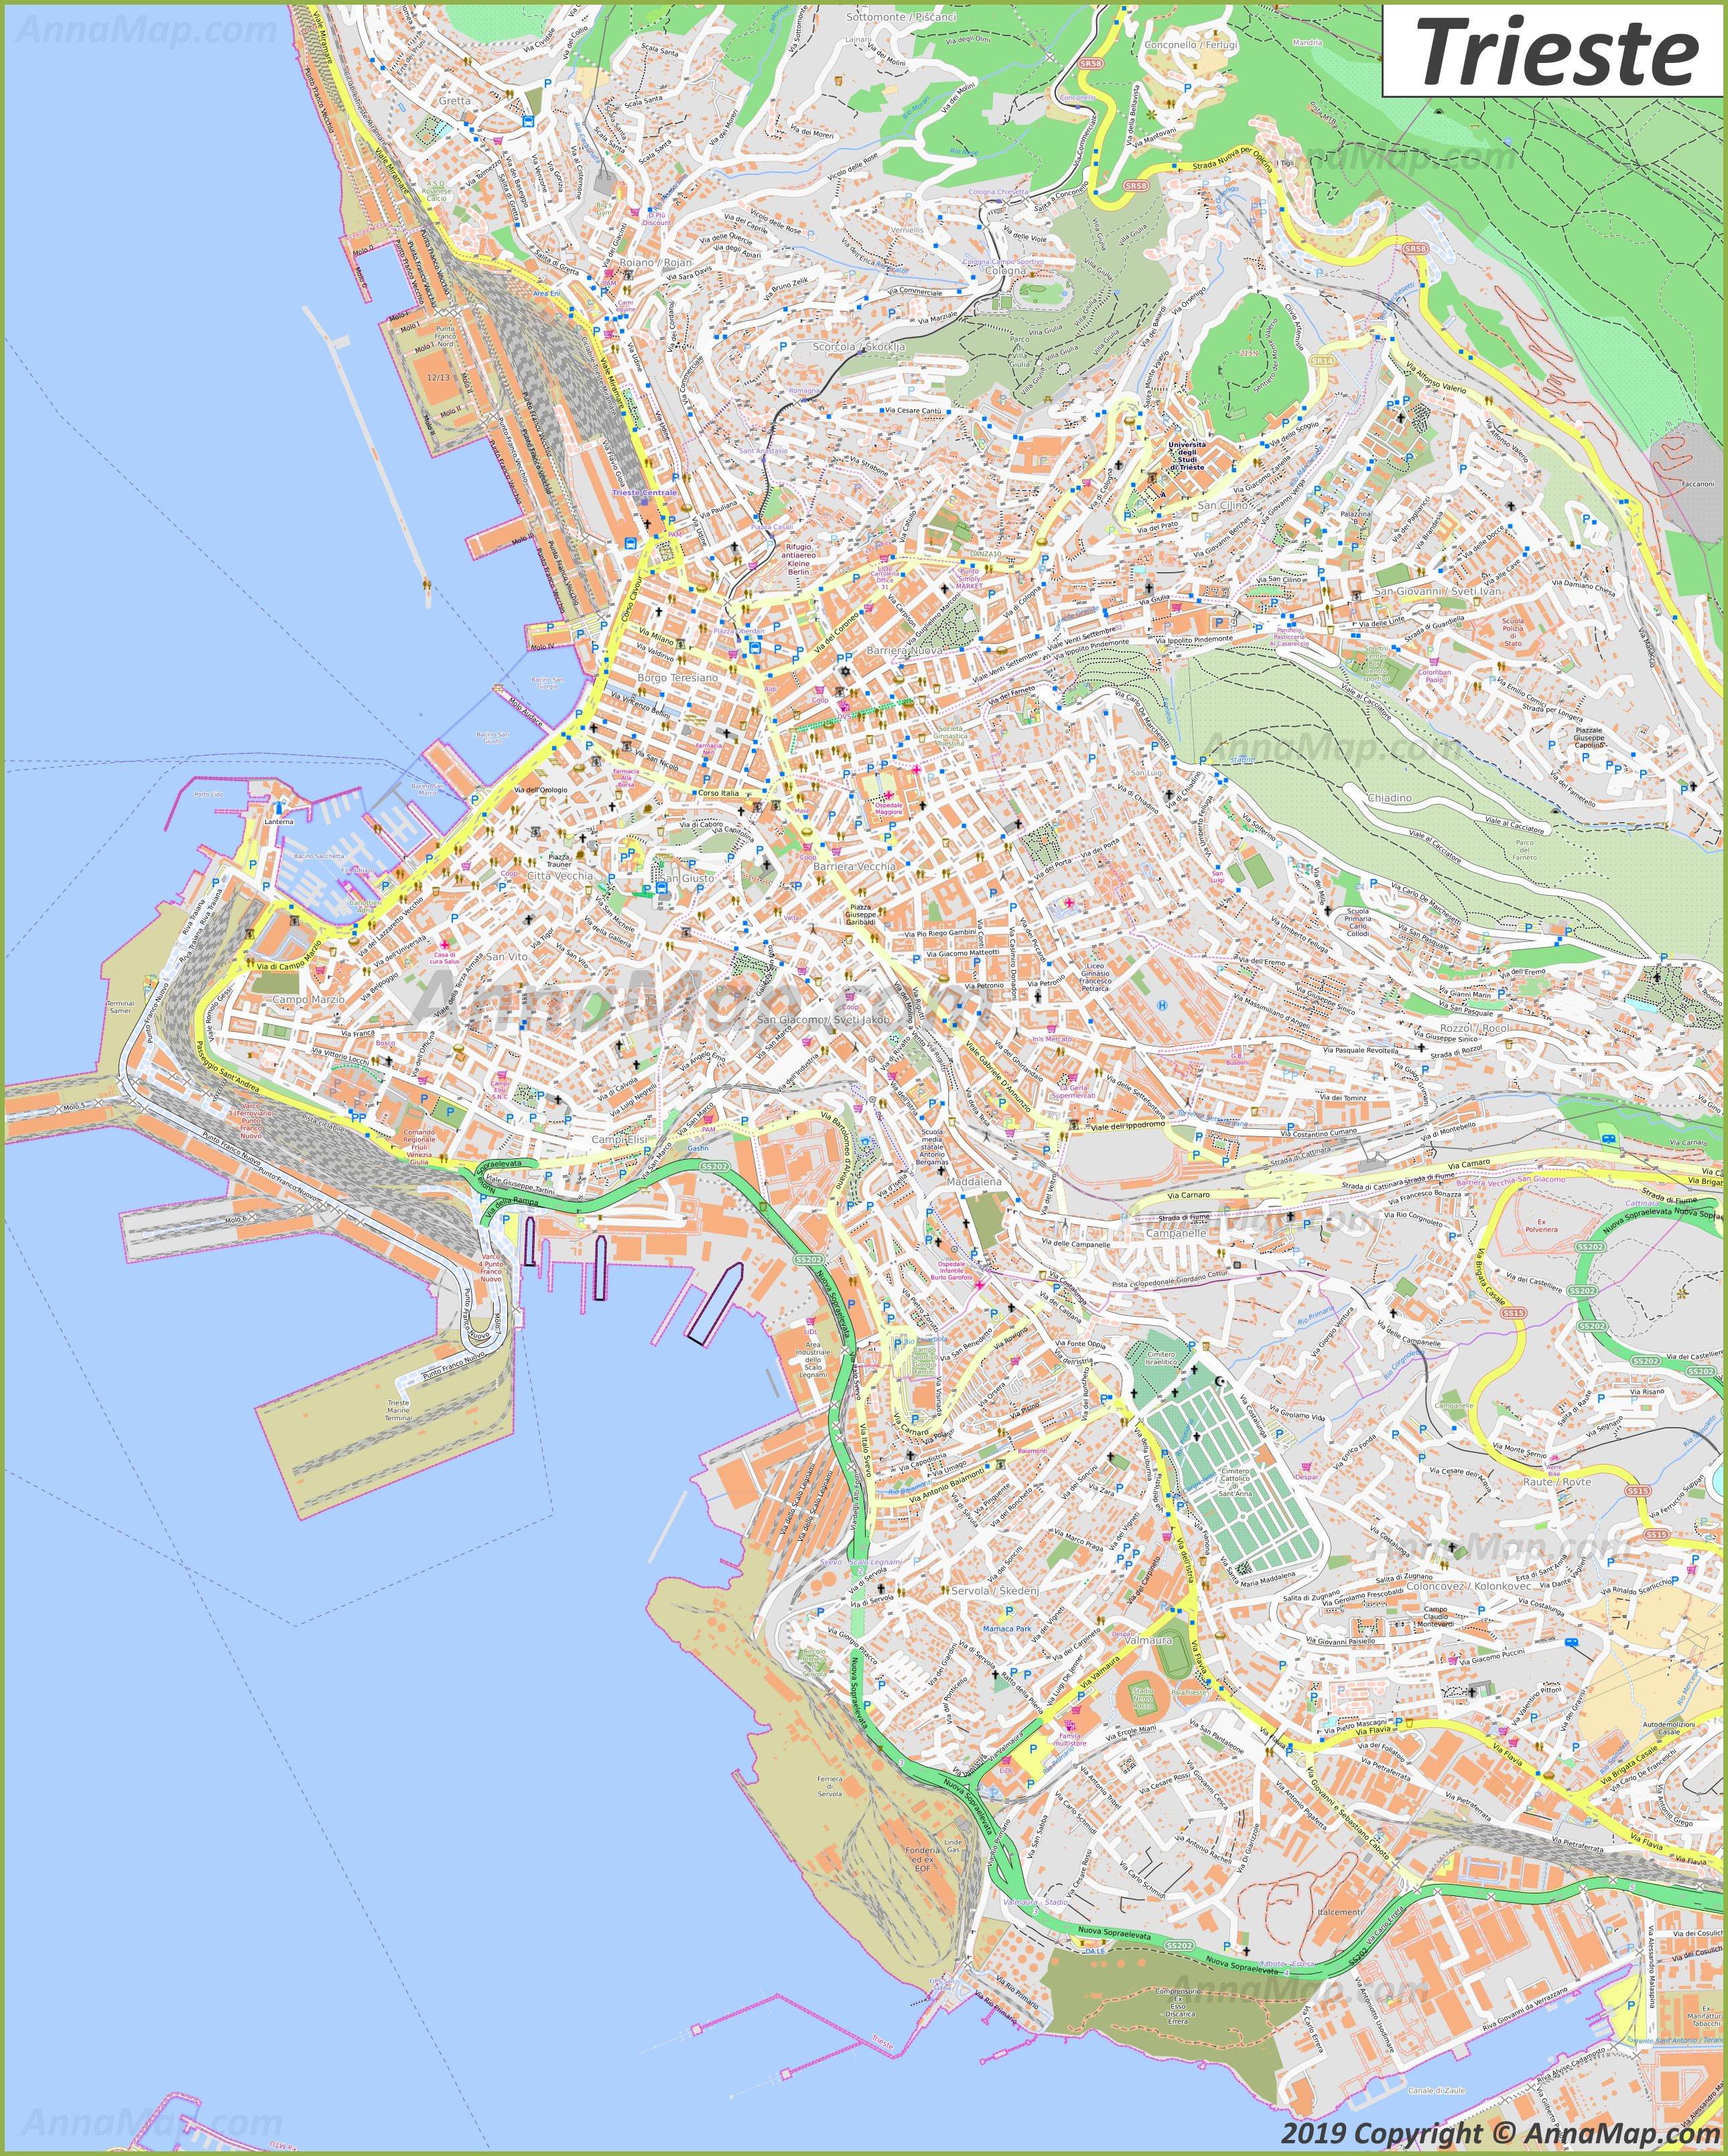 Detaillierte Touristische Stadtplan Von Triest Italien